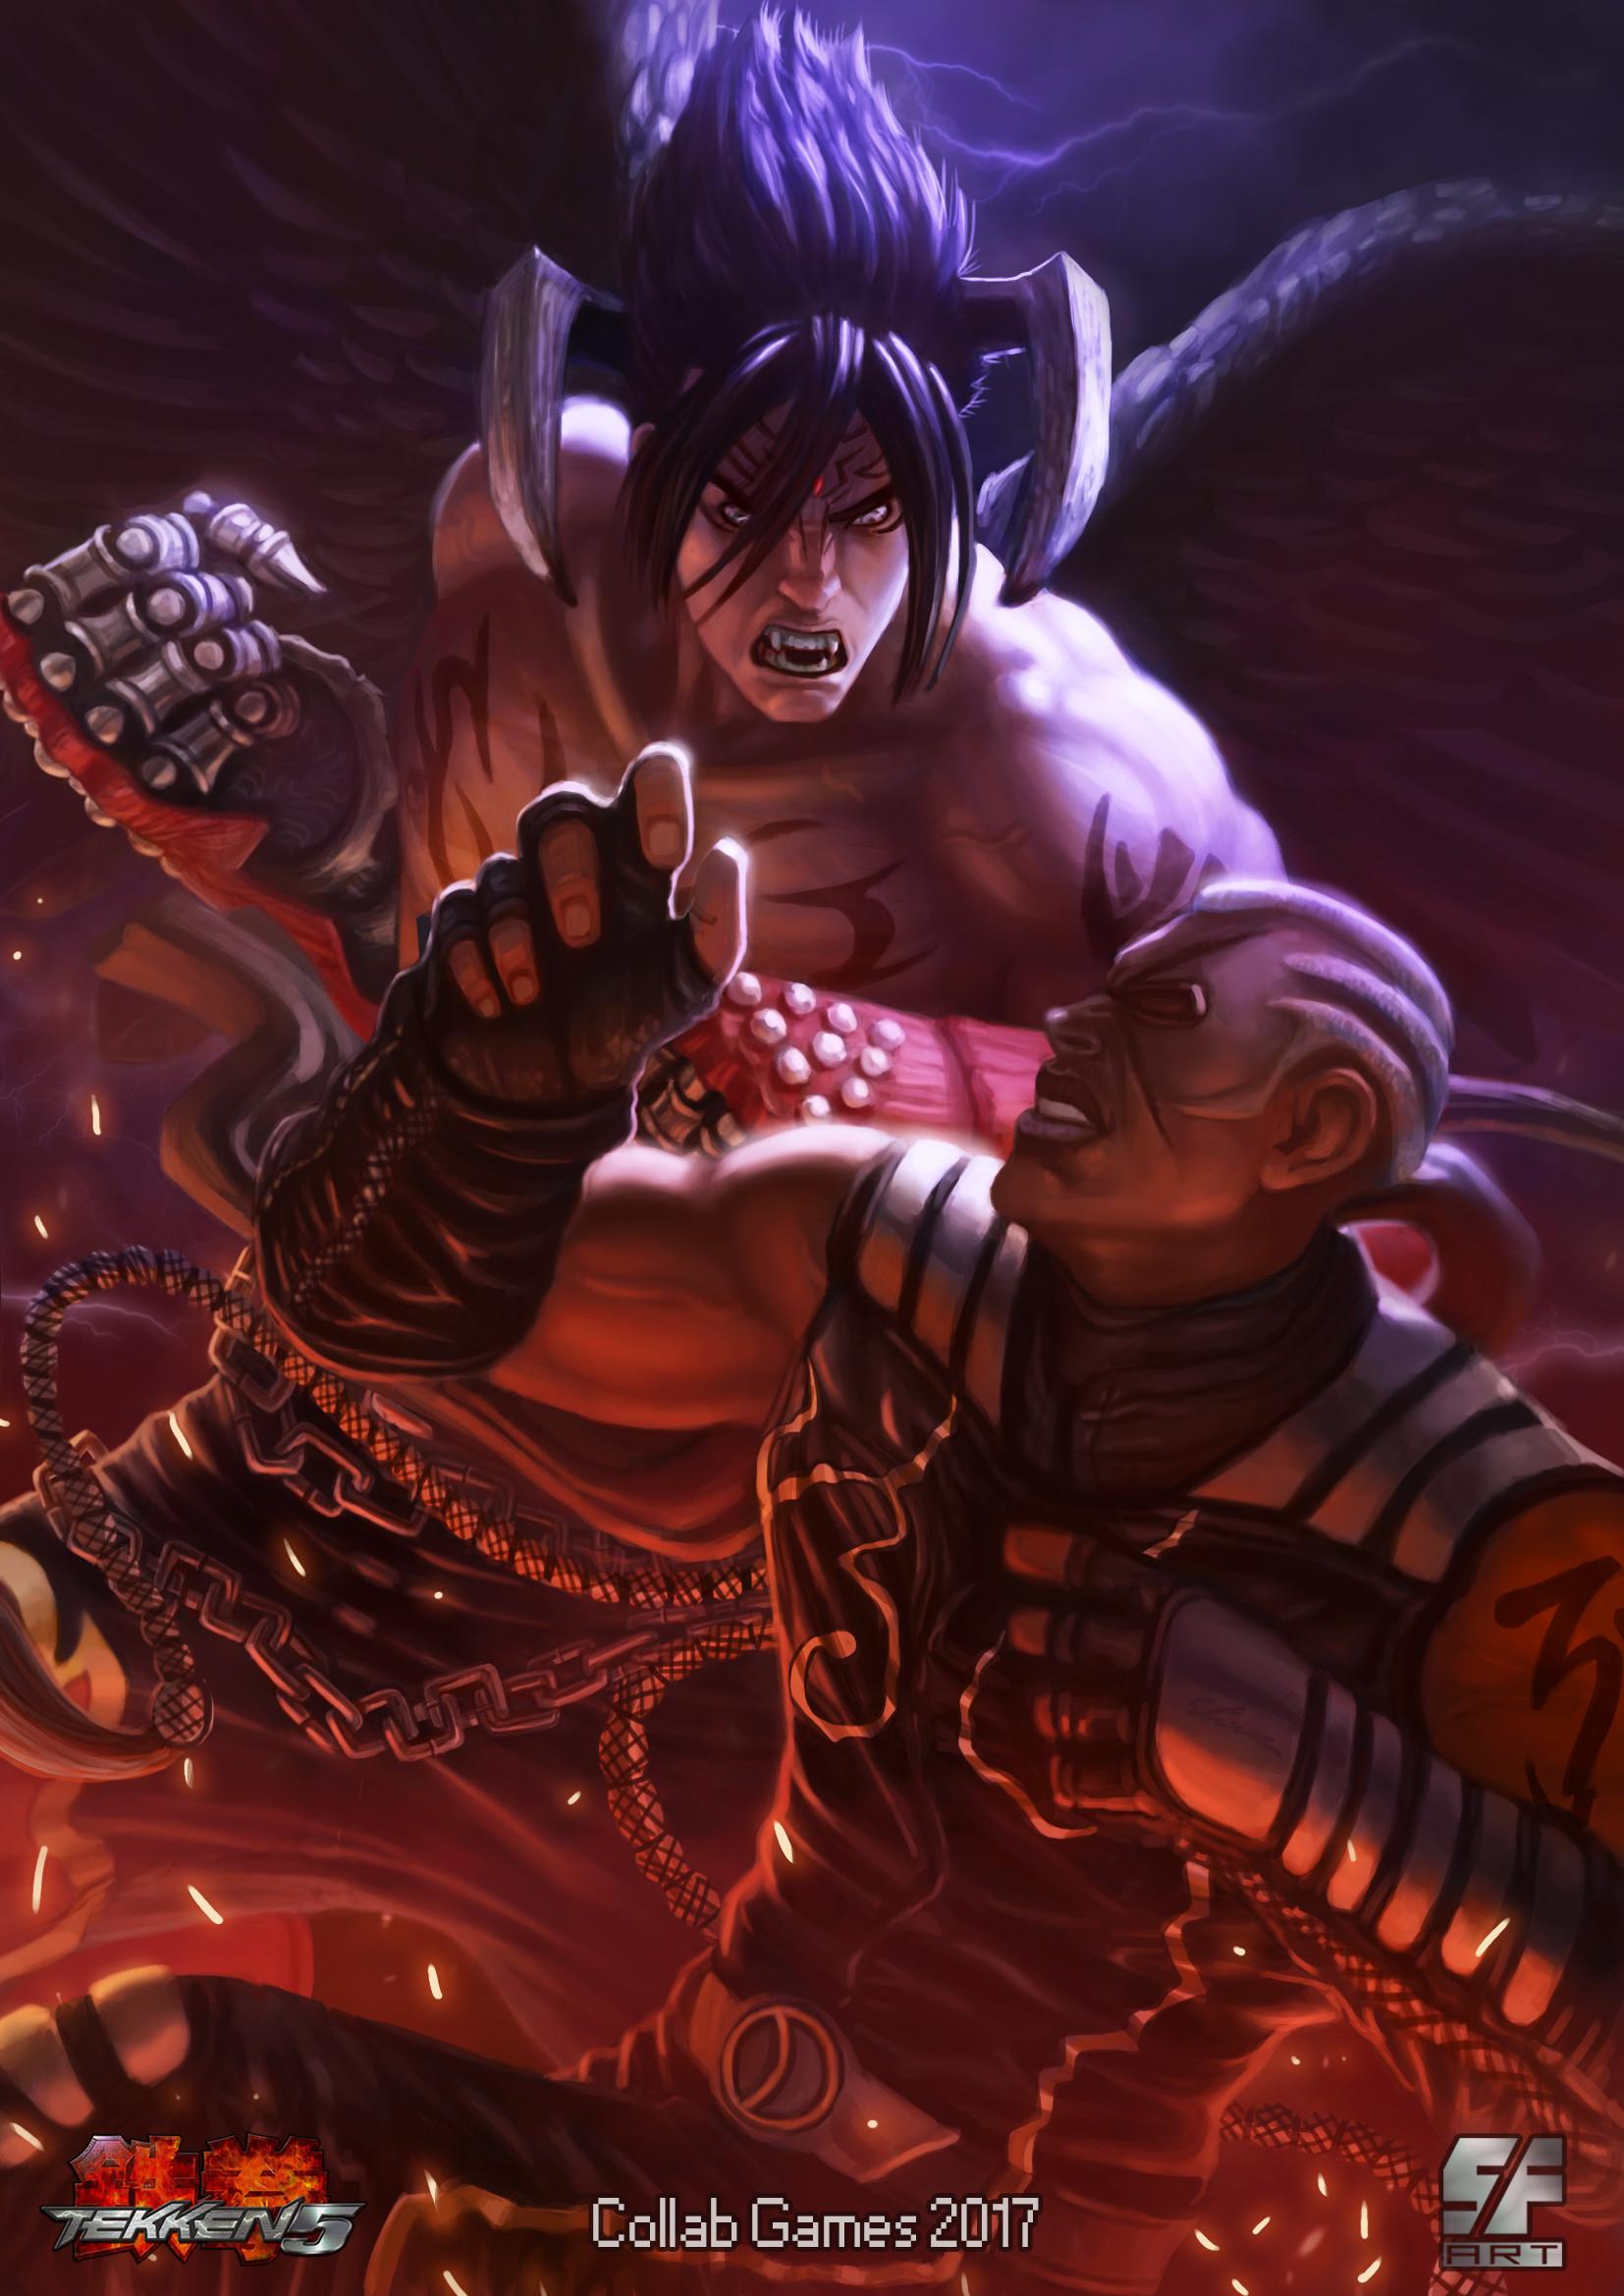 ArtStation - Tekken 5 (Fan Art), Stive Ferreira